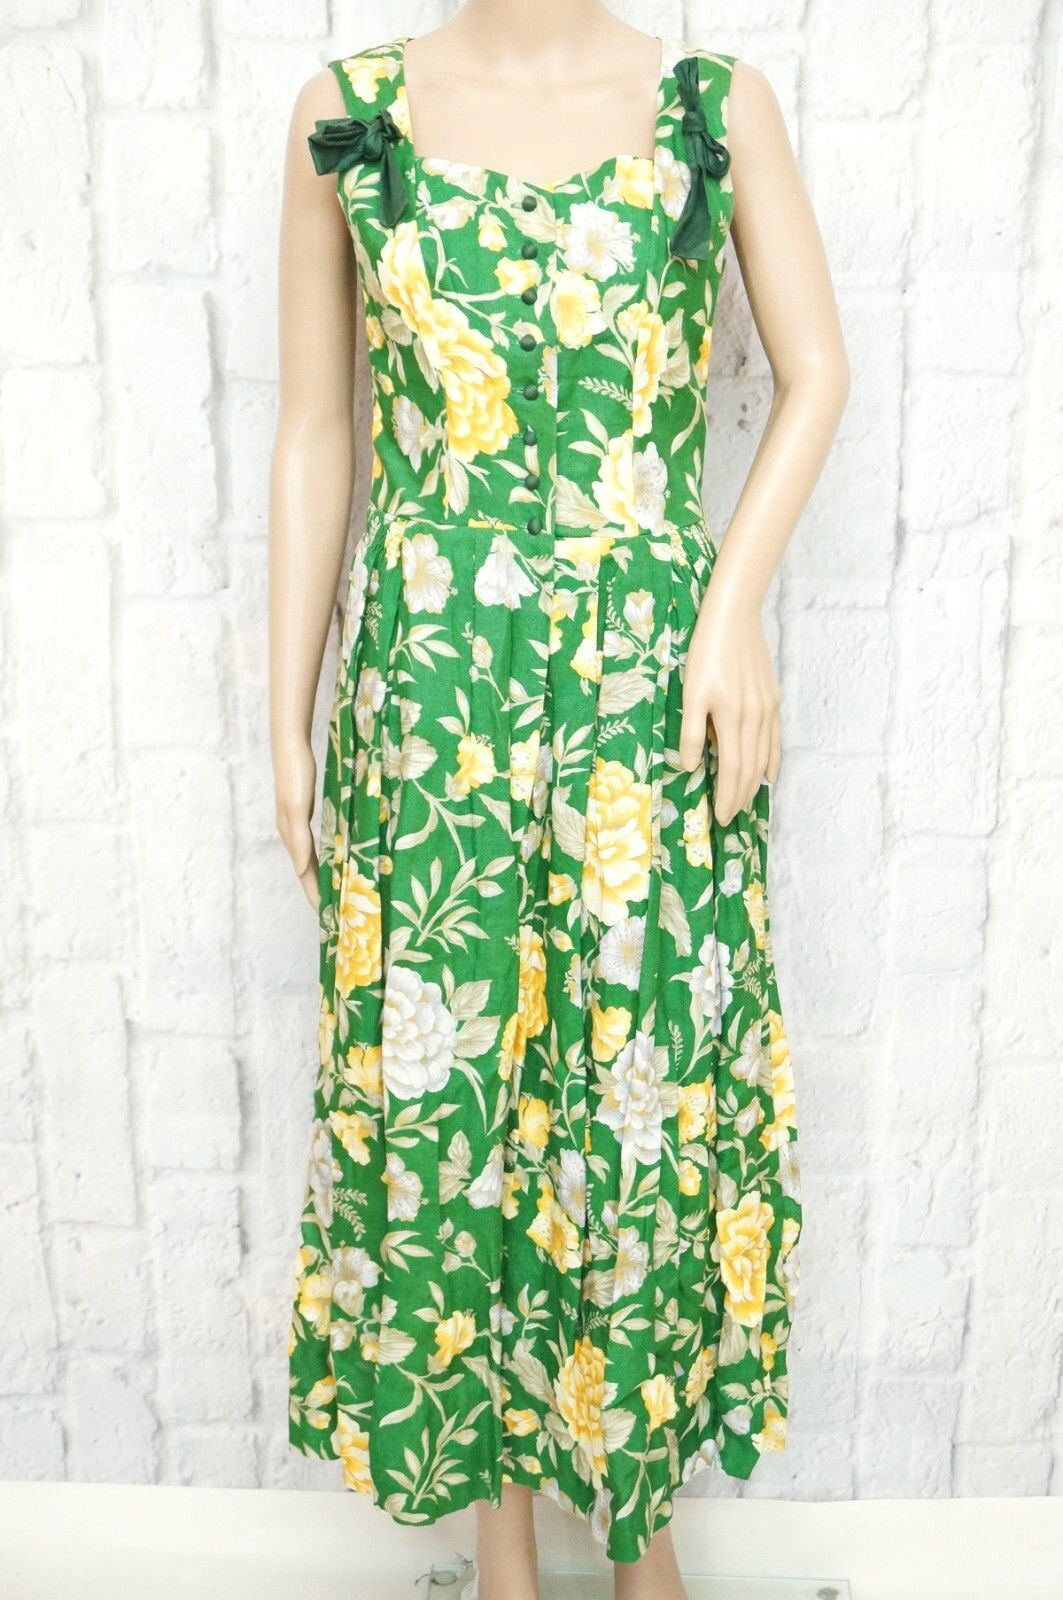 100% Leinen ☀ SPORTALM ☀ Trachtenkleid Dirndl Gr. 36 36 36 Damen Kleid Dress Robe  | Düsseldorf Online Shop  | Qualitätsprodukte  | Mama kaufte ein bequemes, Baby ist glücklich  ee5bbb